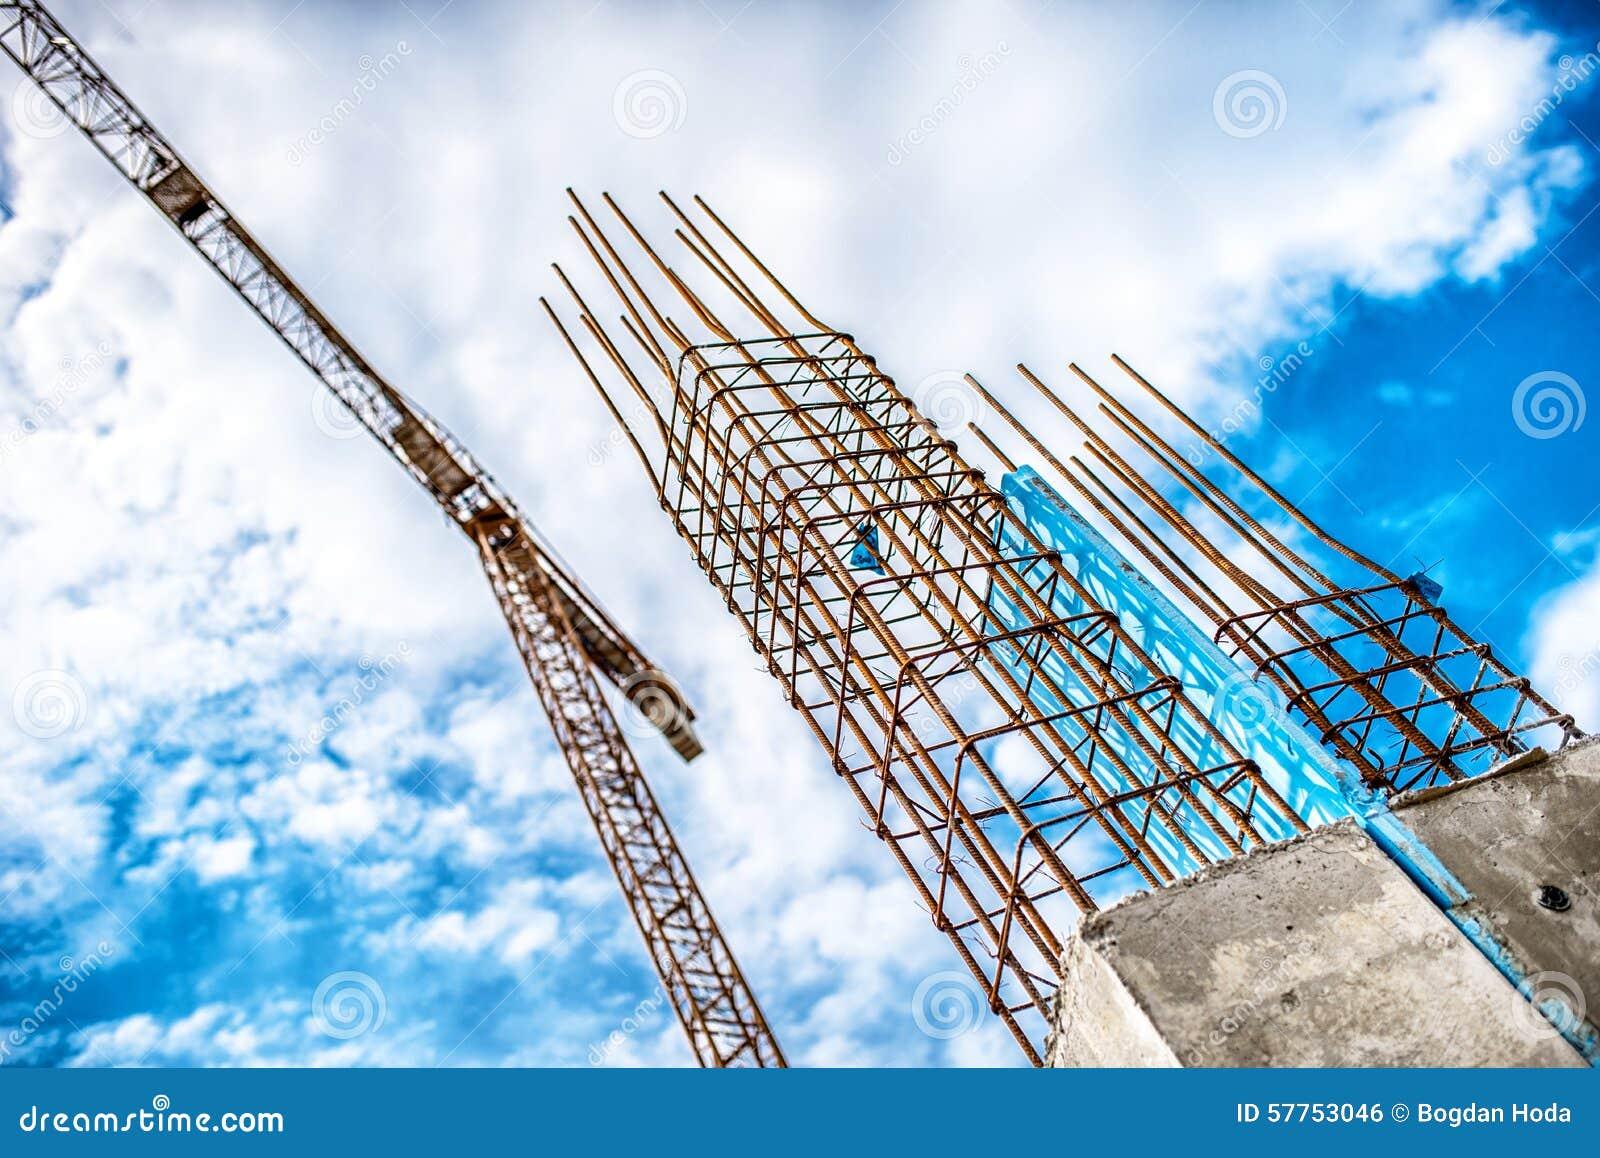 Конкретные штендеры на месте индустриального строительства Здание небоскреба с краном, инструментами и усиленными стальными прута